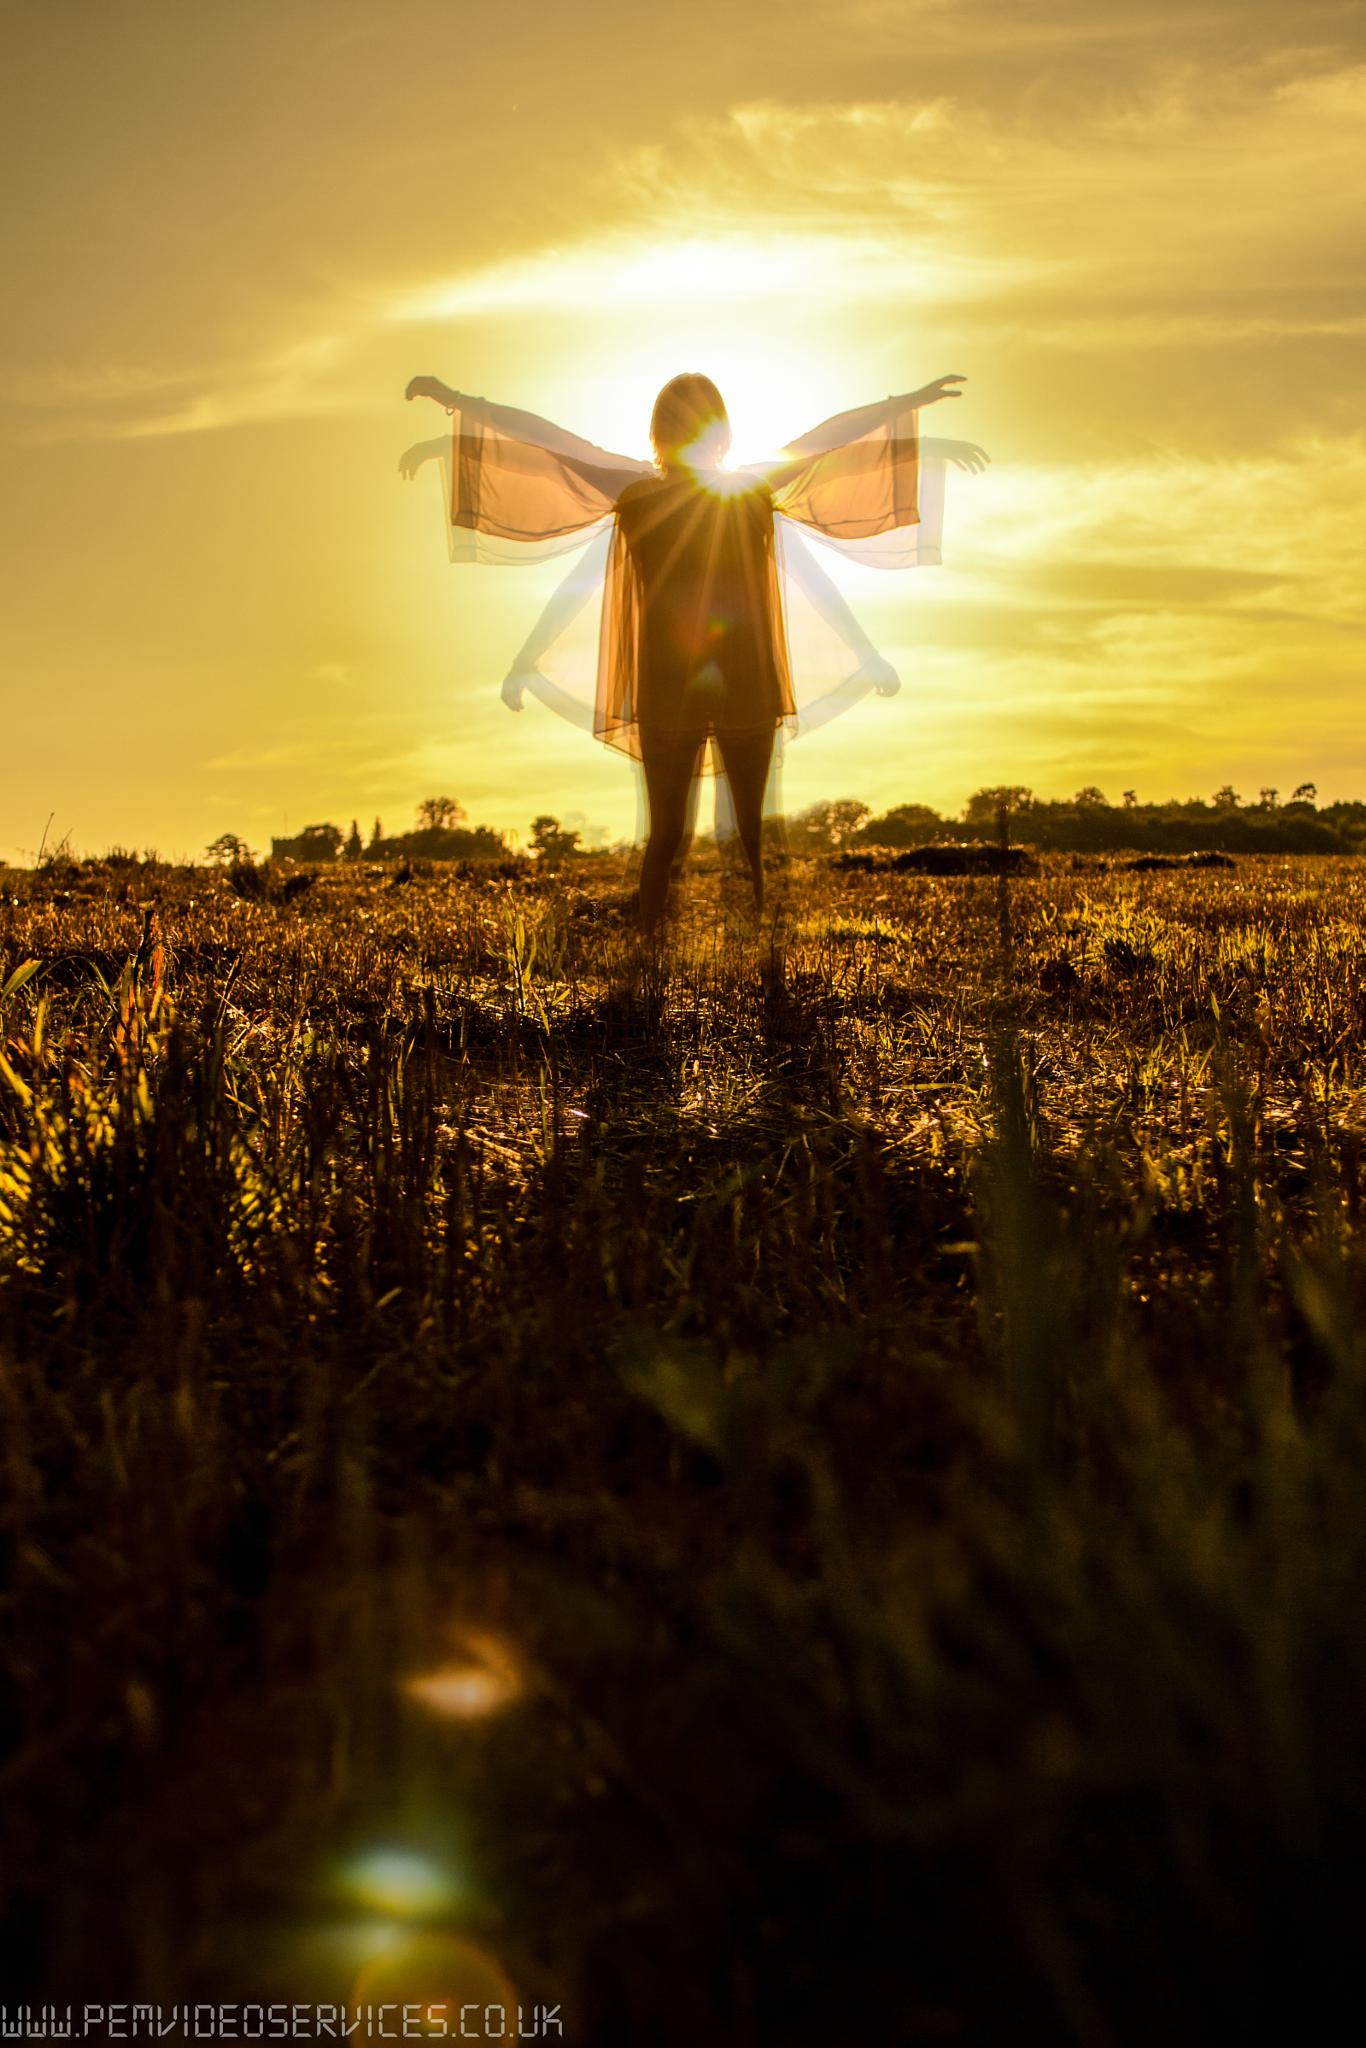 Wings on Sunlight by paul.ekert